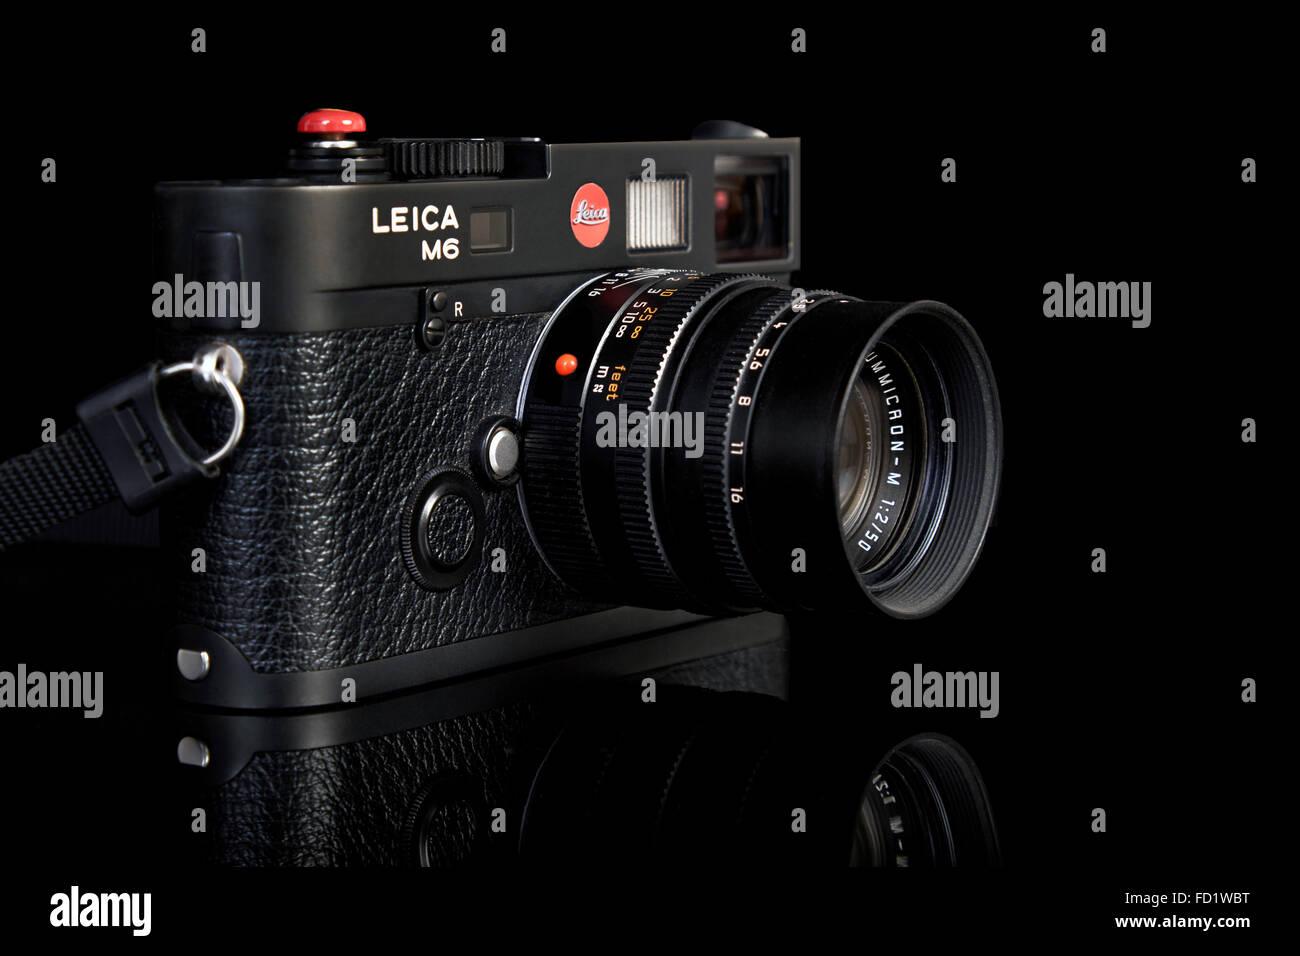 Entfernungsmesser Mit Sucher : Film kamera leica m ttl mm classic vintage entfernungsmesser